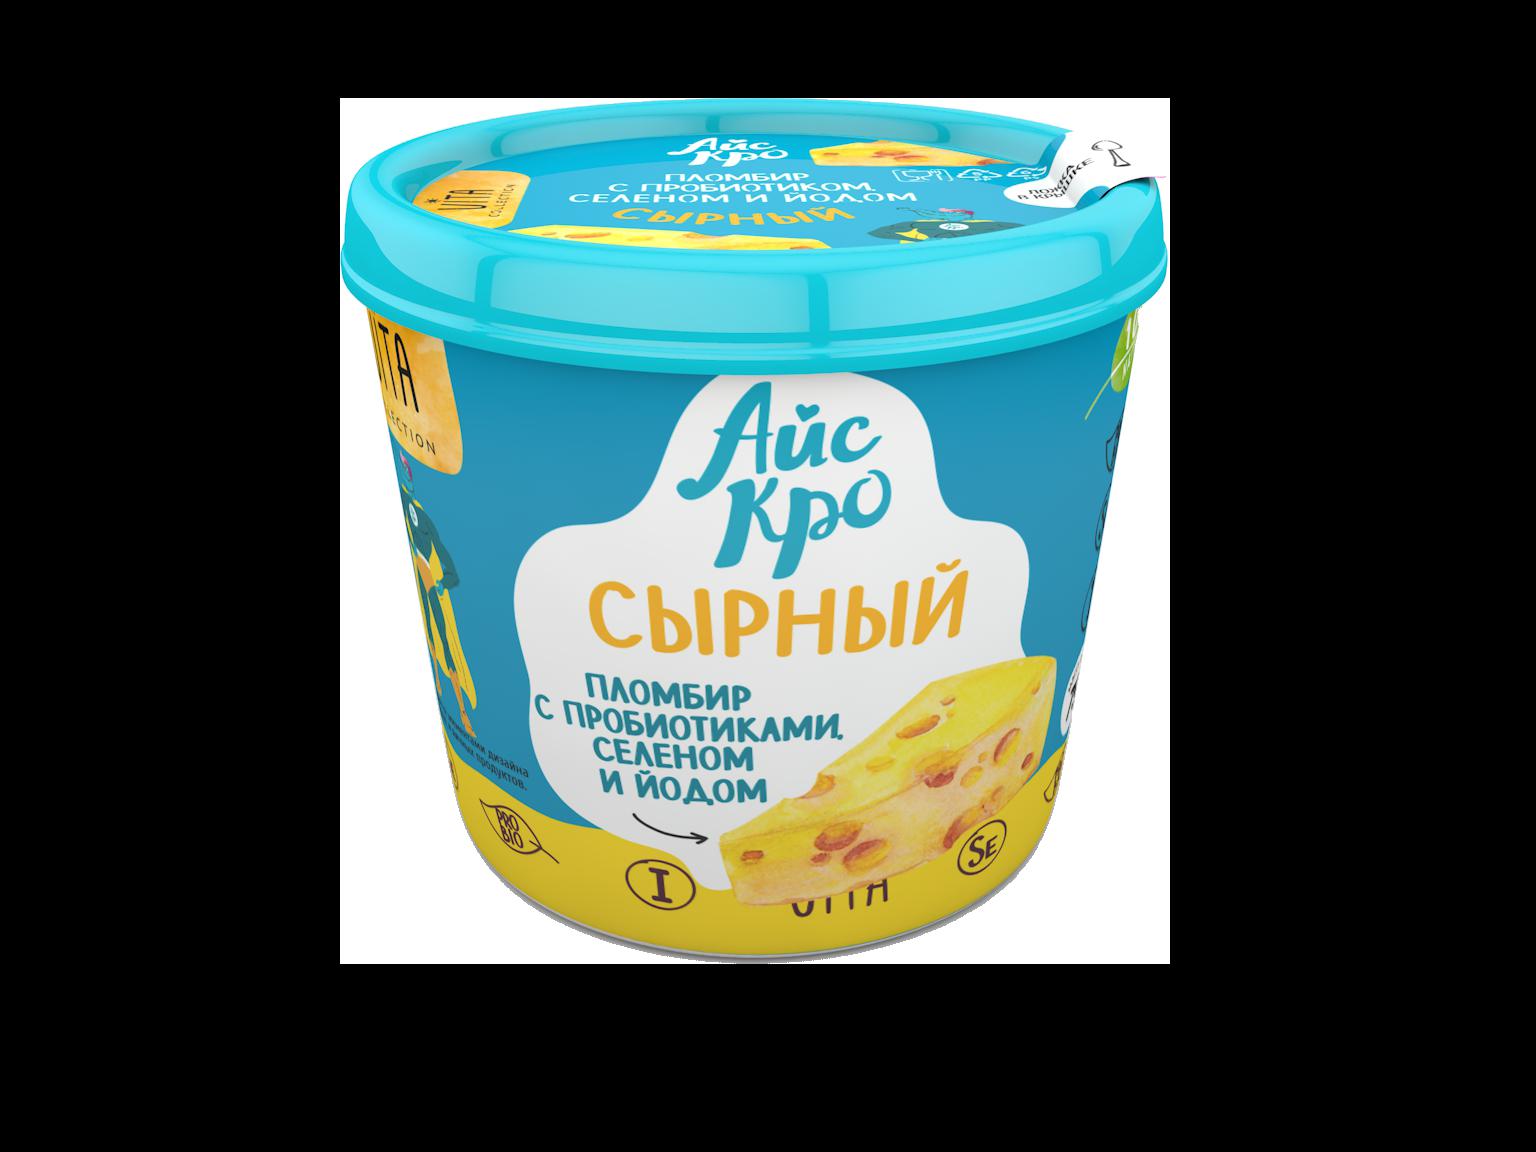 сырный пломбир мороженое айскро